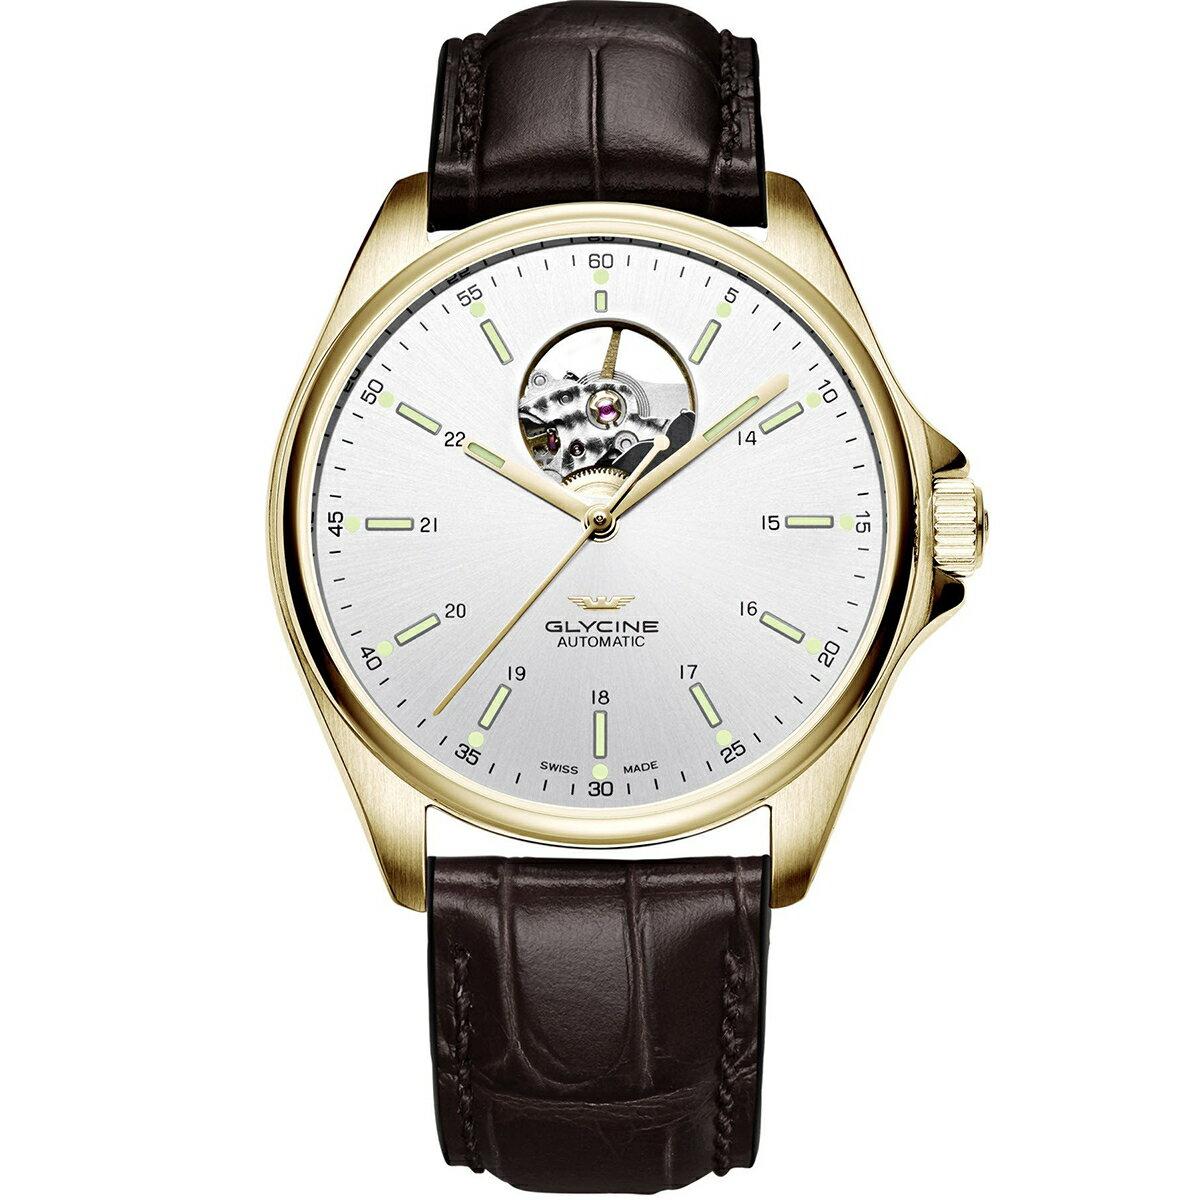 グライシン グリシン GLYCINE コンバット クラシック オープンハート COMBAT OPEN HEART GL0121 メンズ 時計 腕時計 自動巻き オートマチック スイス製 スイスメイド パイロット